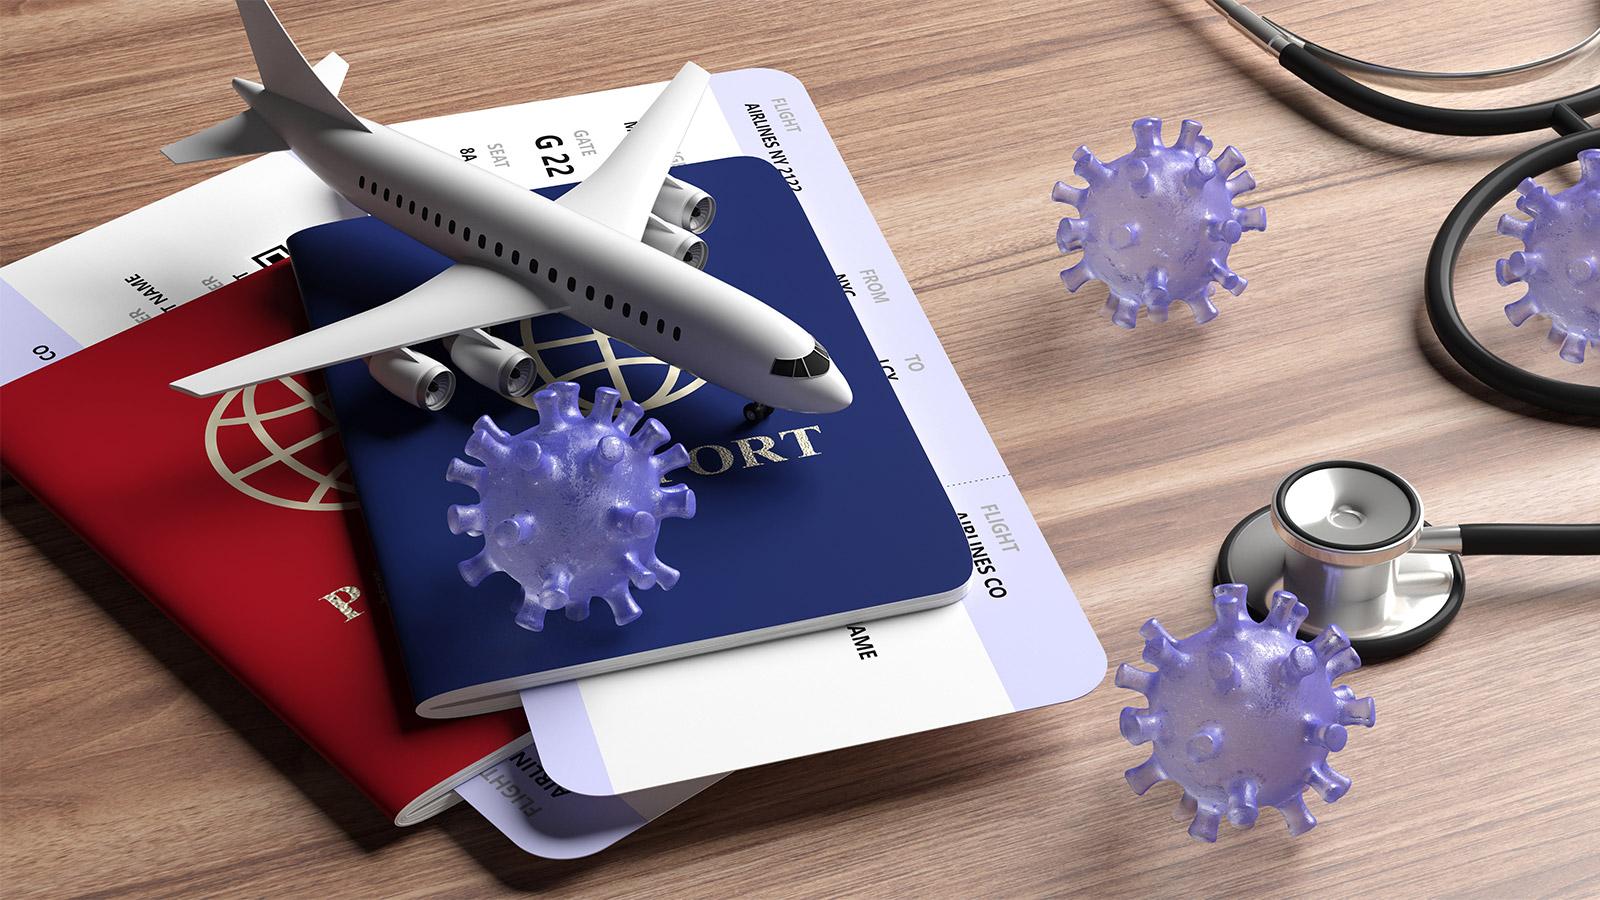 Cómo te devuelven el impuesto PAIS al cancelar una reserva de viaje